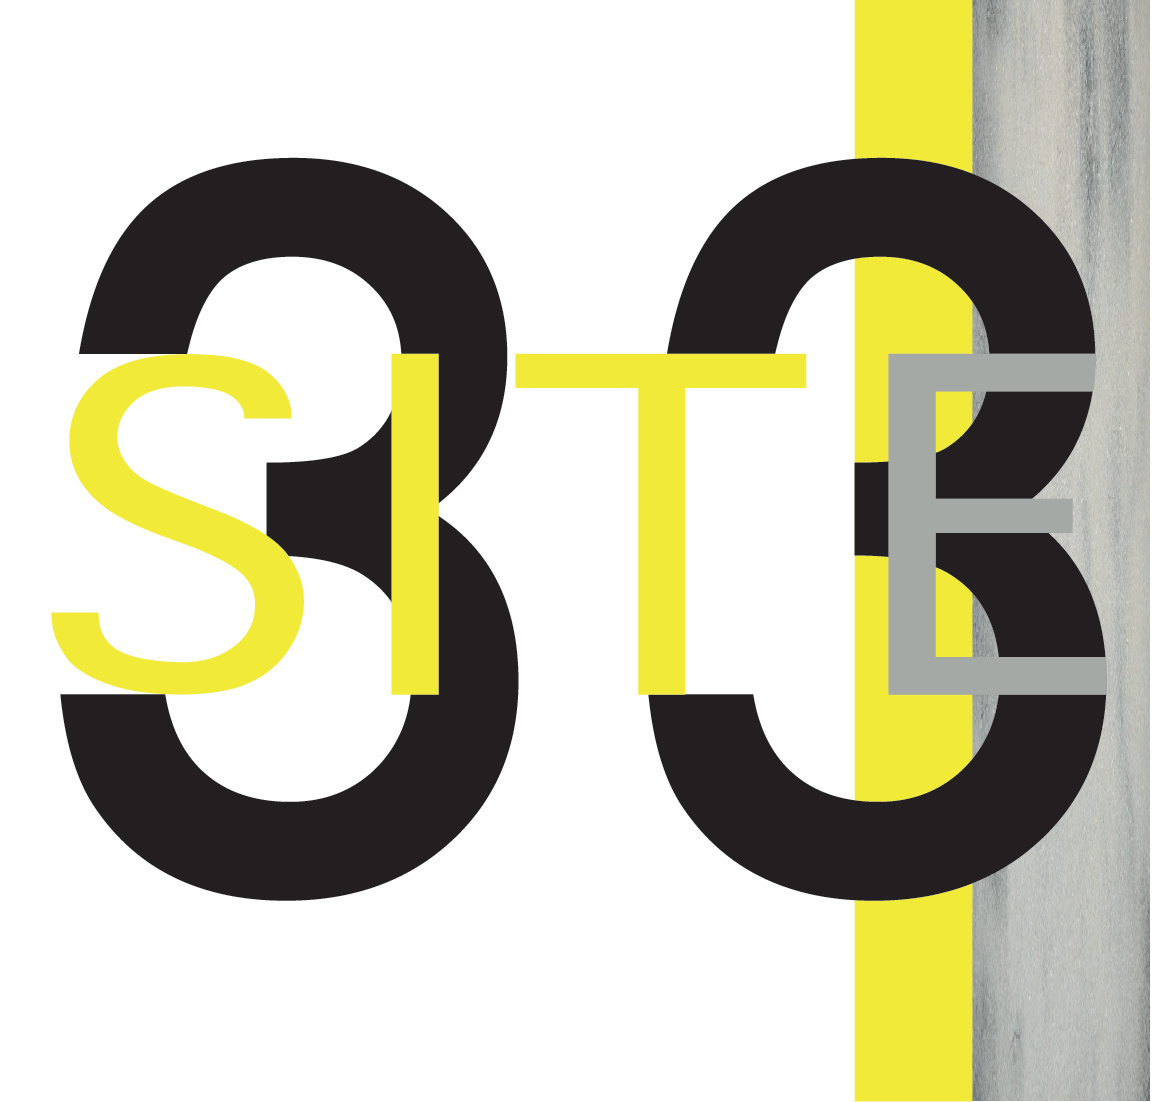 Site33 logo #5